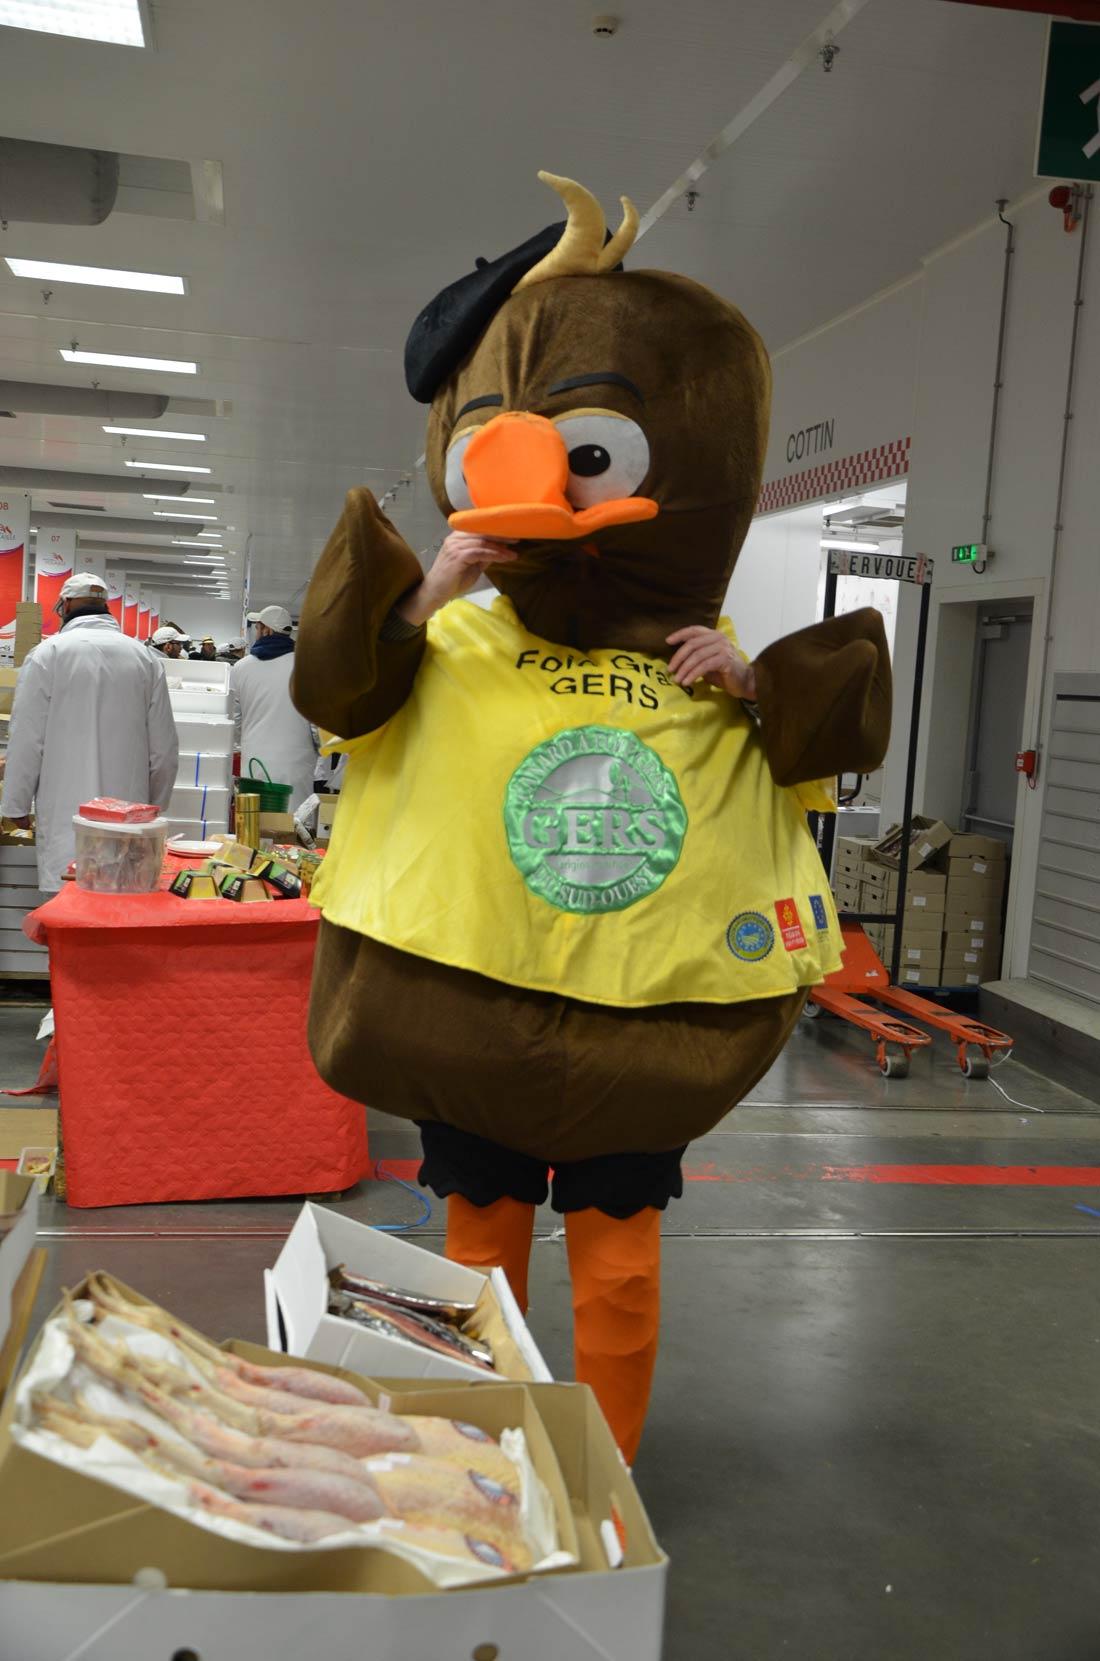 Le foie gras gers présent à Rungis